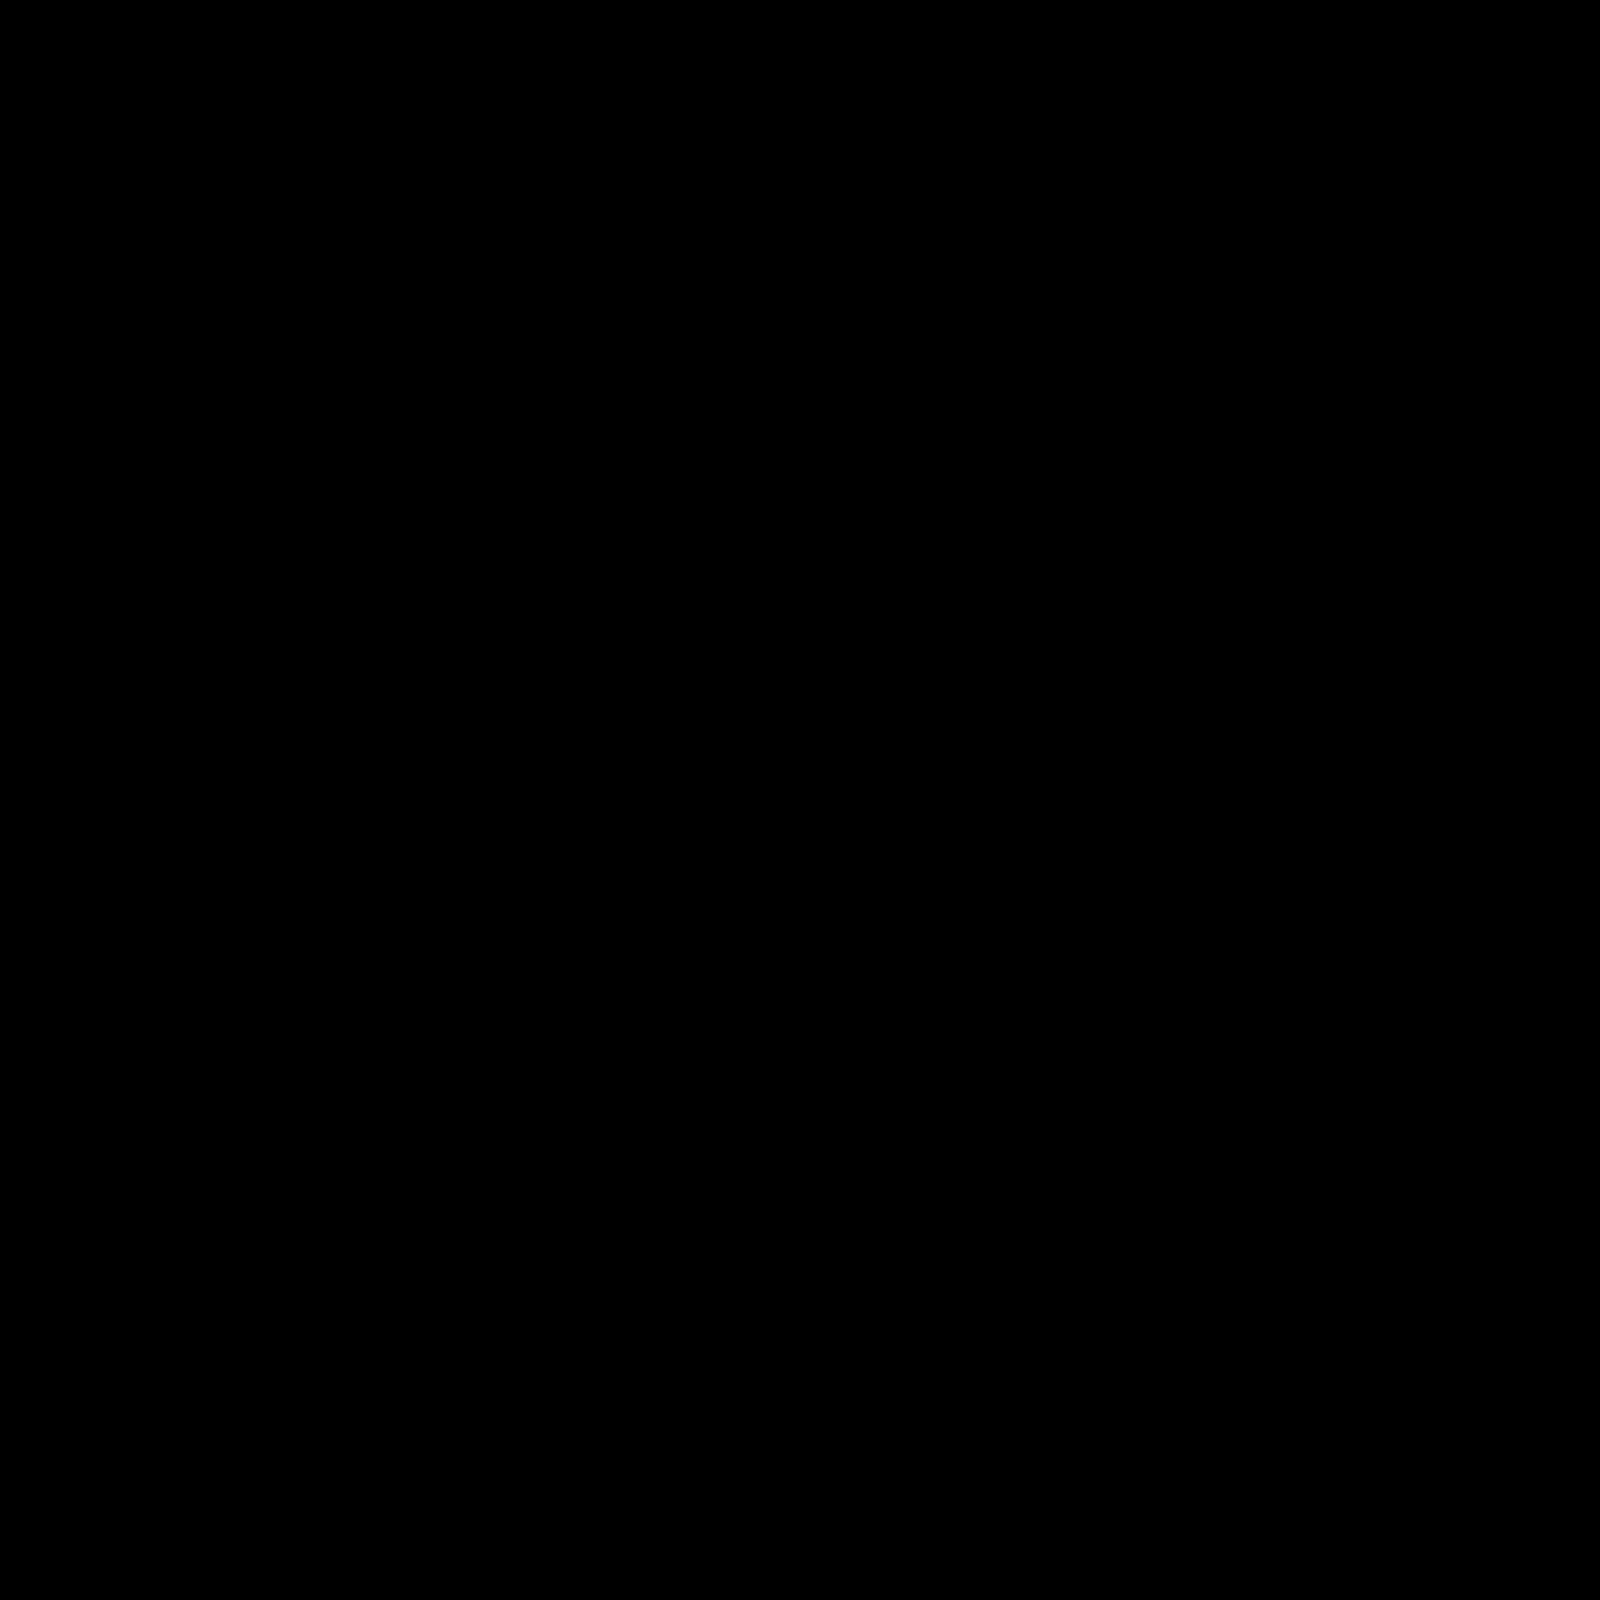 Корзина 2 icon